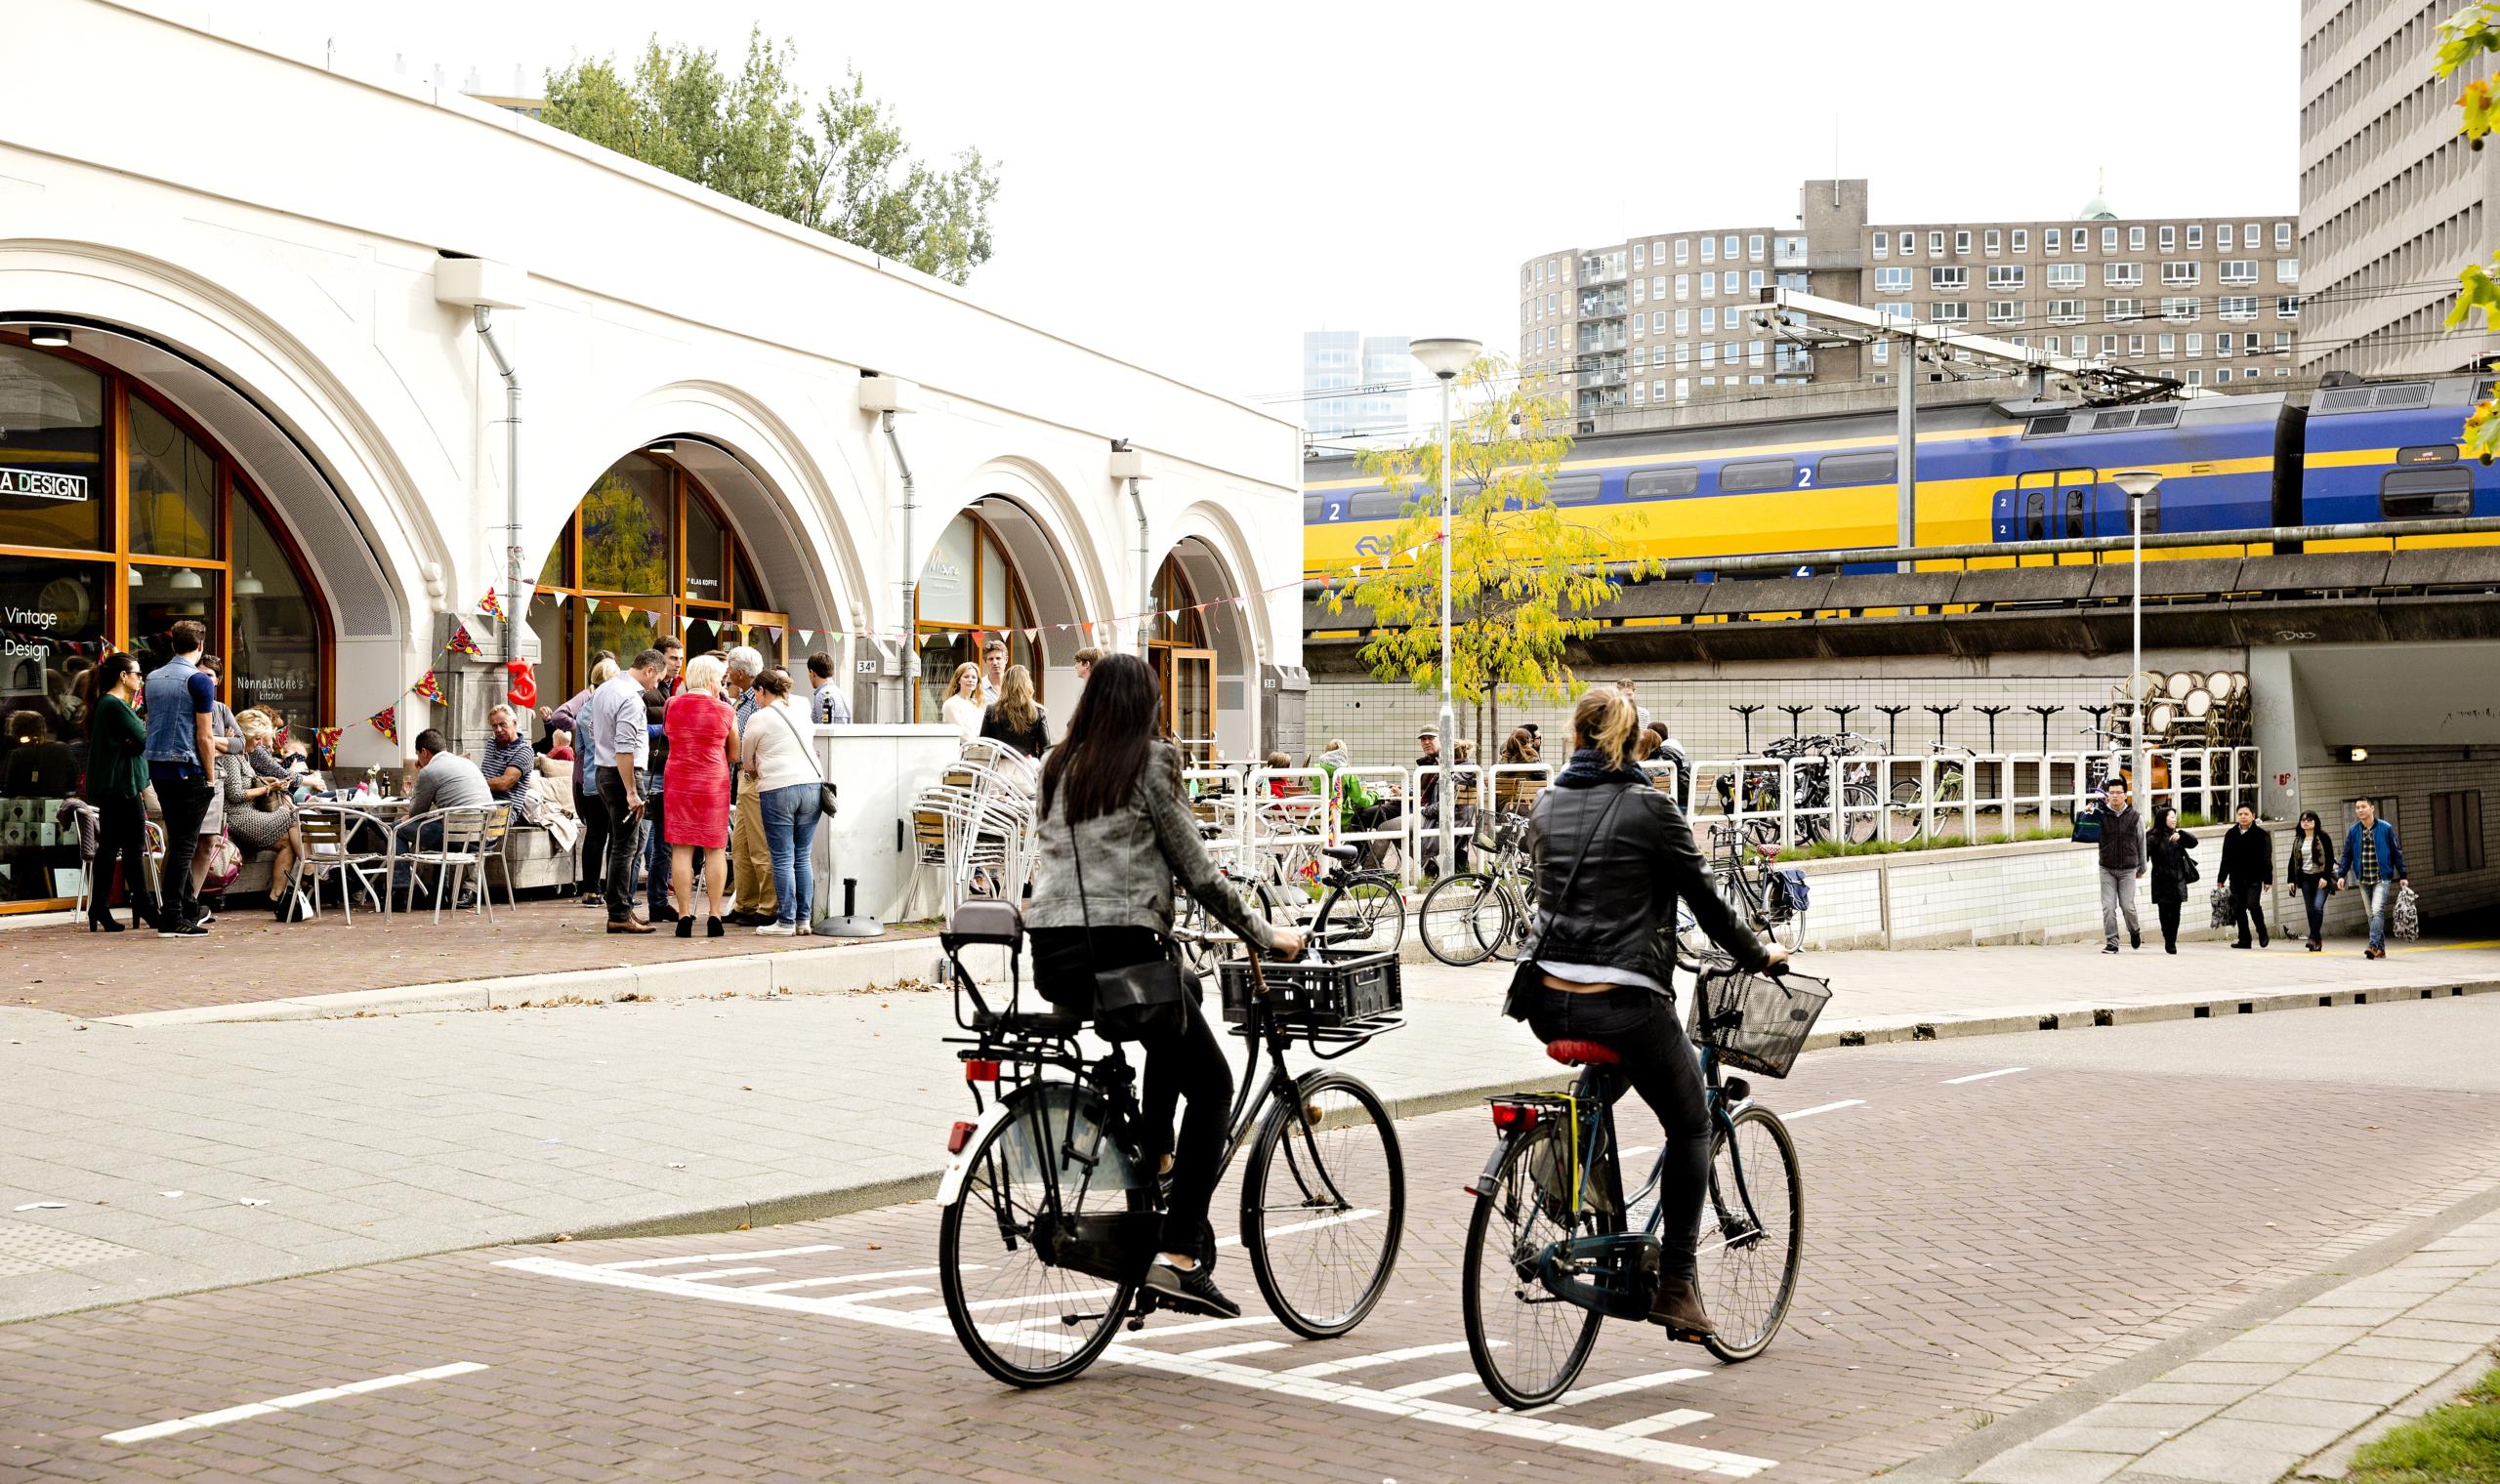 Station-Hofplein_Iris-van-den-Broek_67A1248_iris-van-den-broek